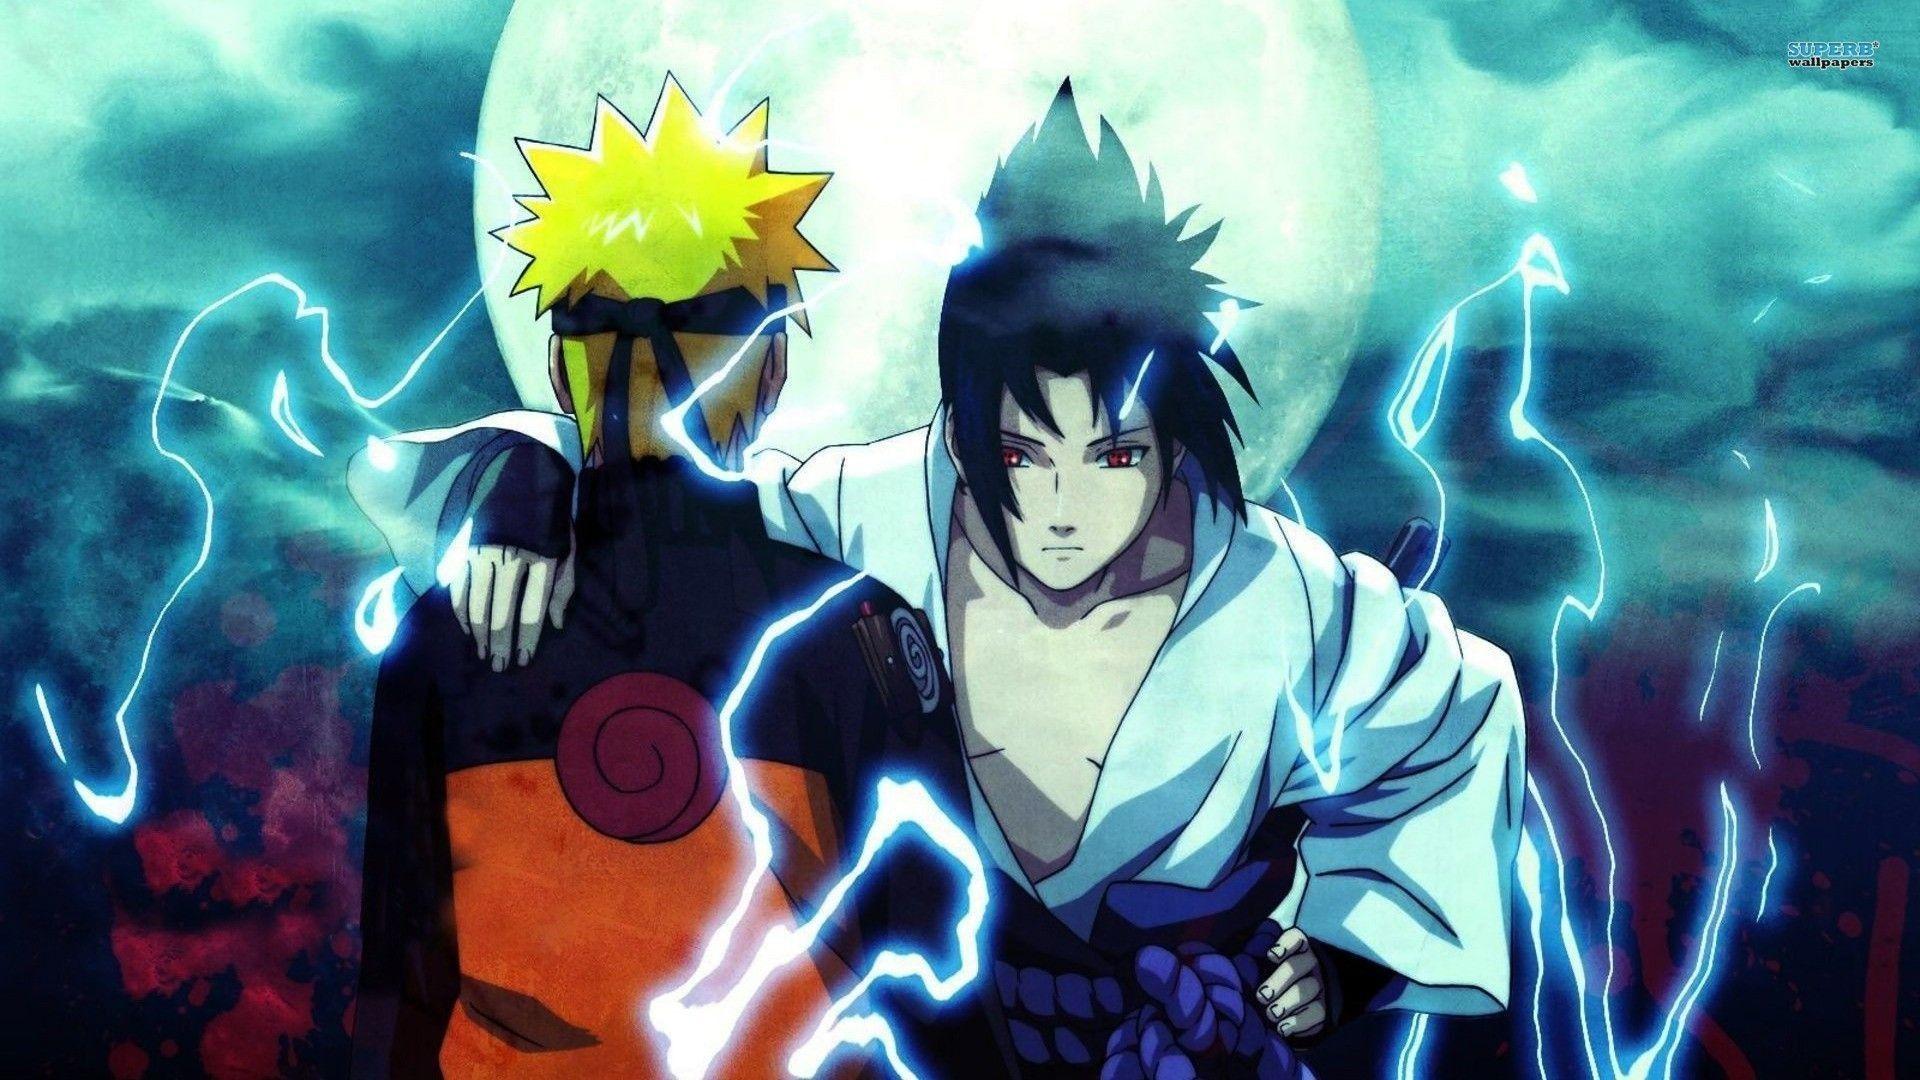 Naruto Shippuden Wallpaper Terbaru 2015 Em 2020 Com Imagens 1080p